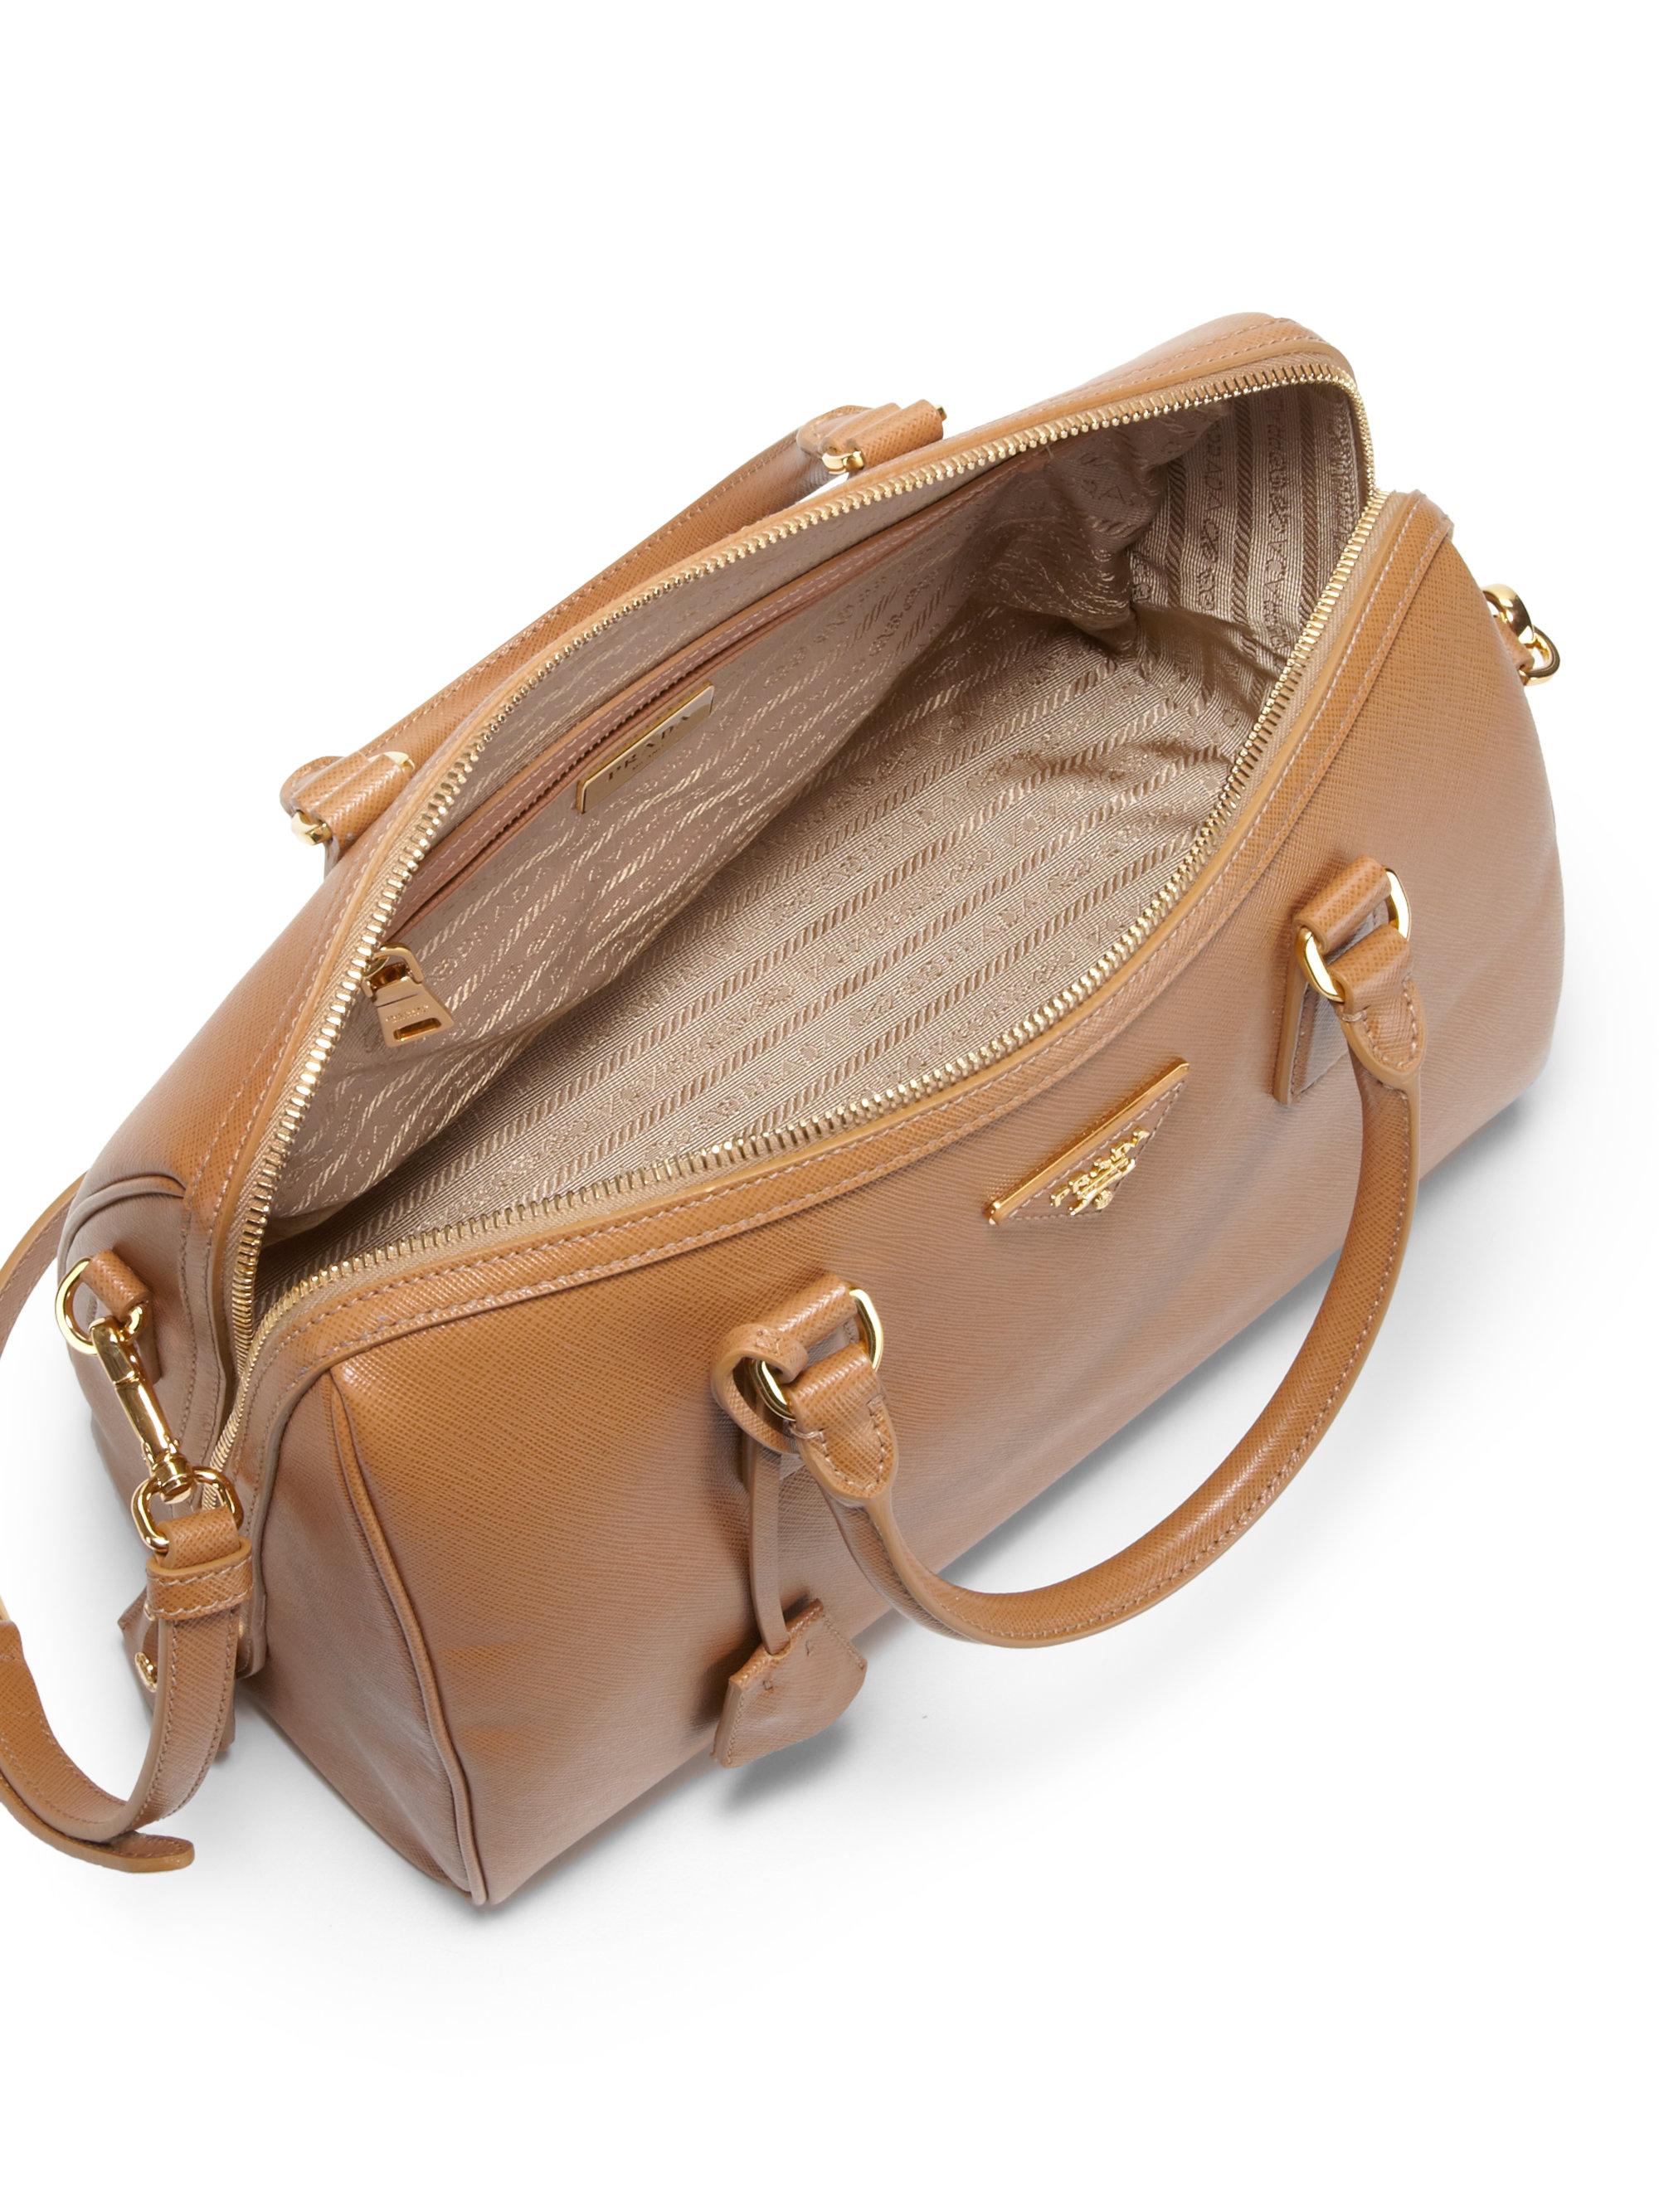 genuine prada bags - prada tessuto bowler bag